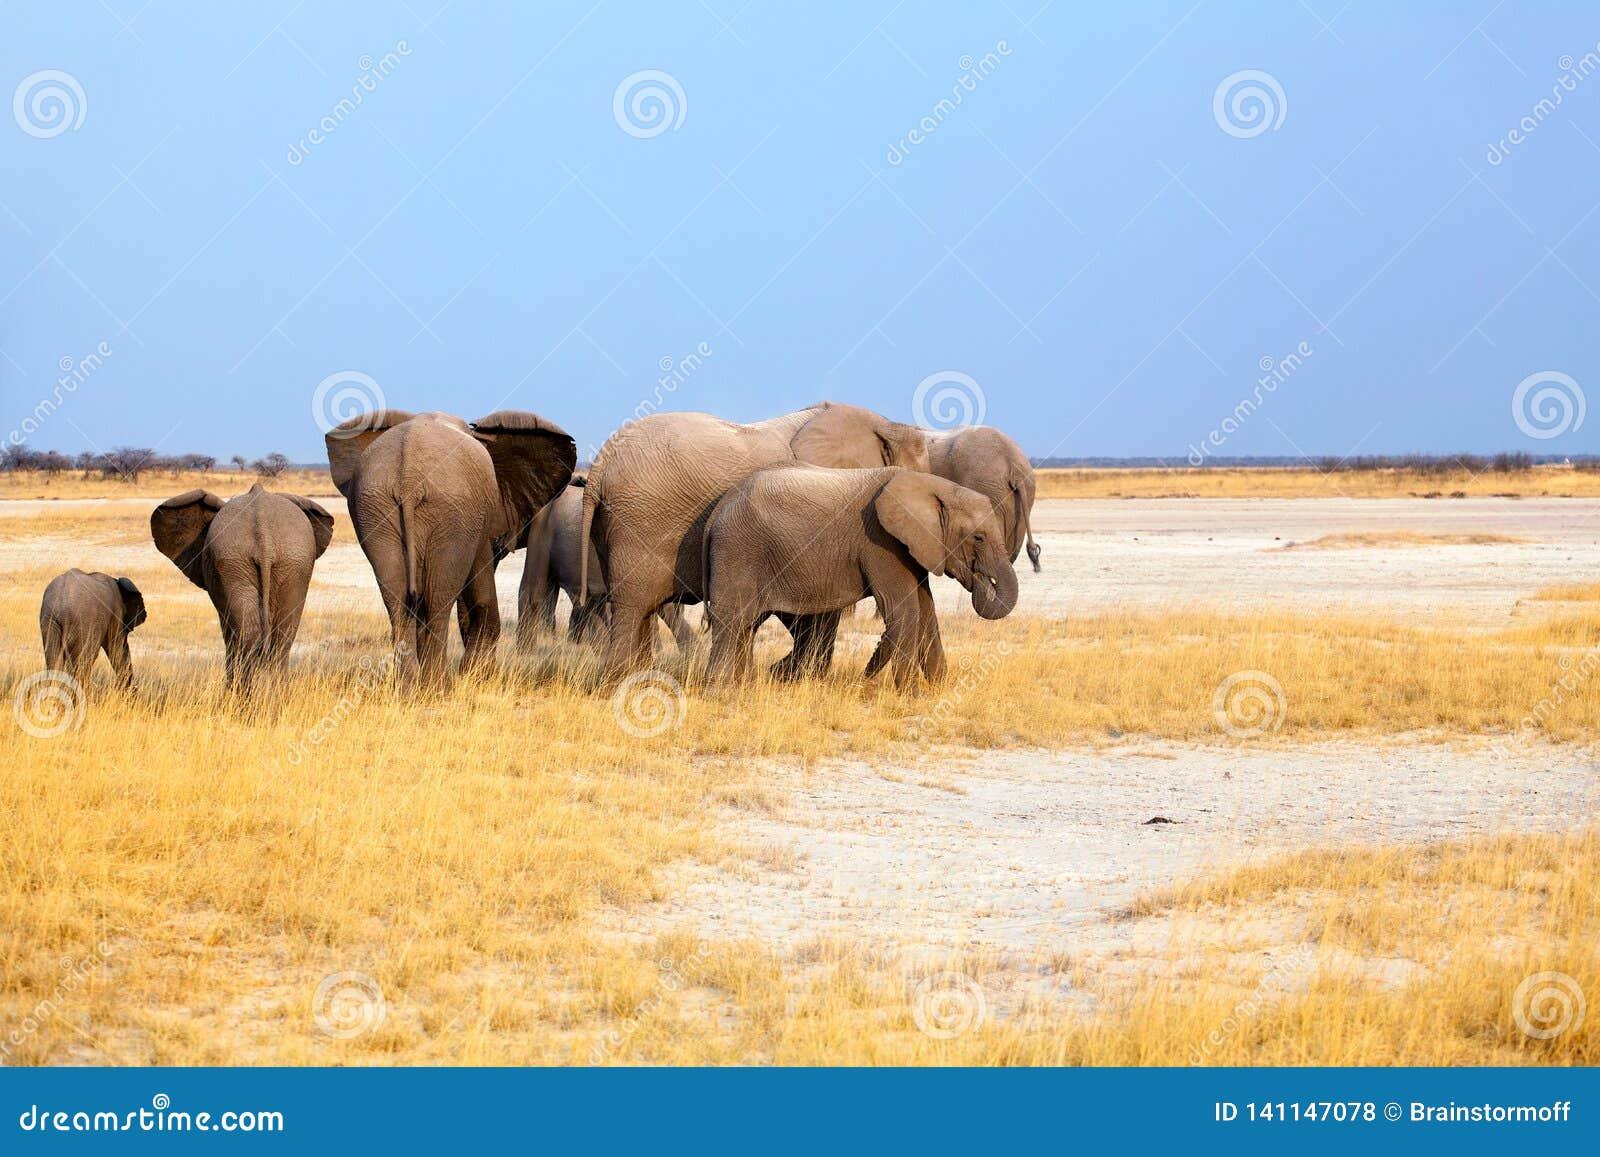 Gruppe Elefanten groß und kleine Junge auf Hintergrund des gelben Grases und des blauen Himmels in Nationalpark Etosha, Namibia,